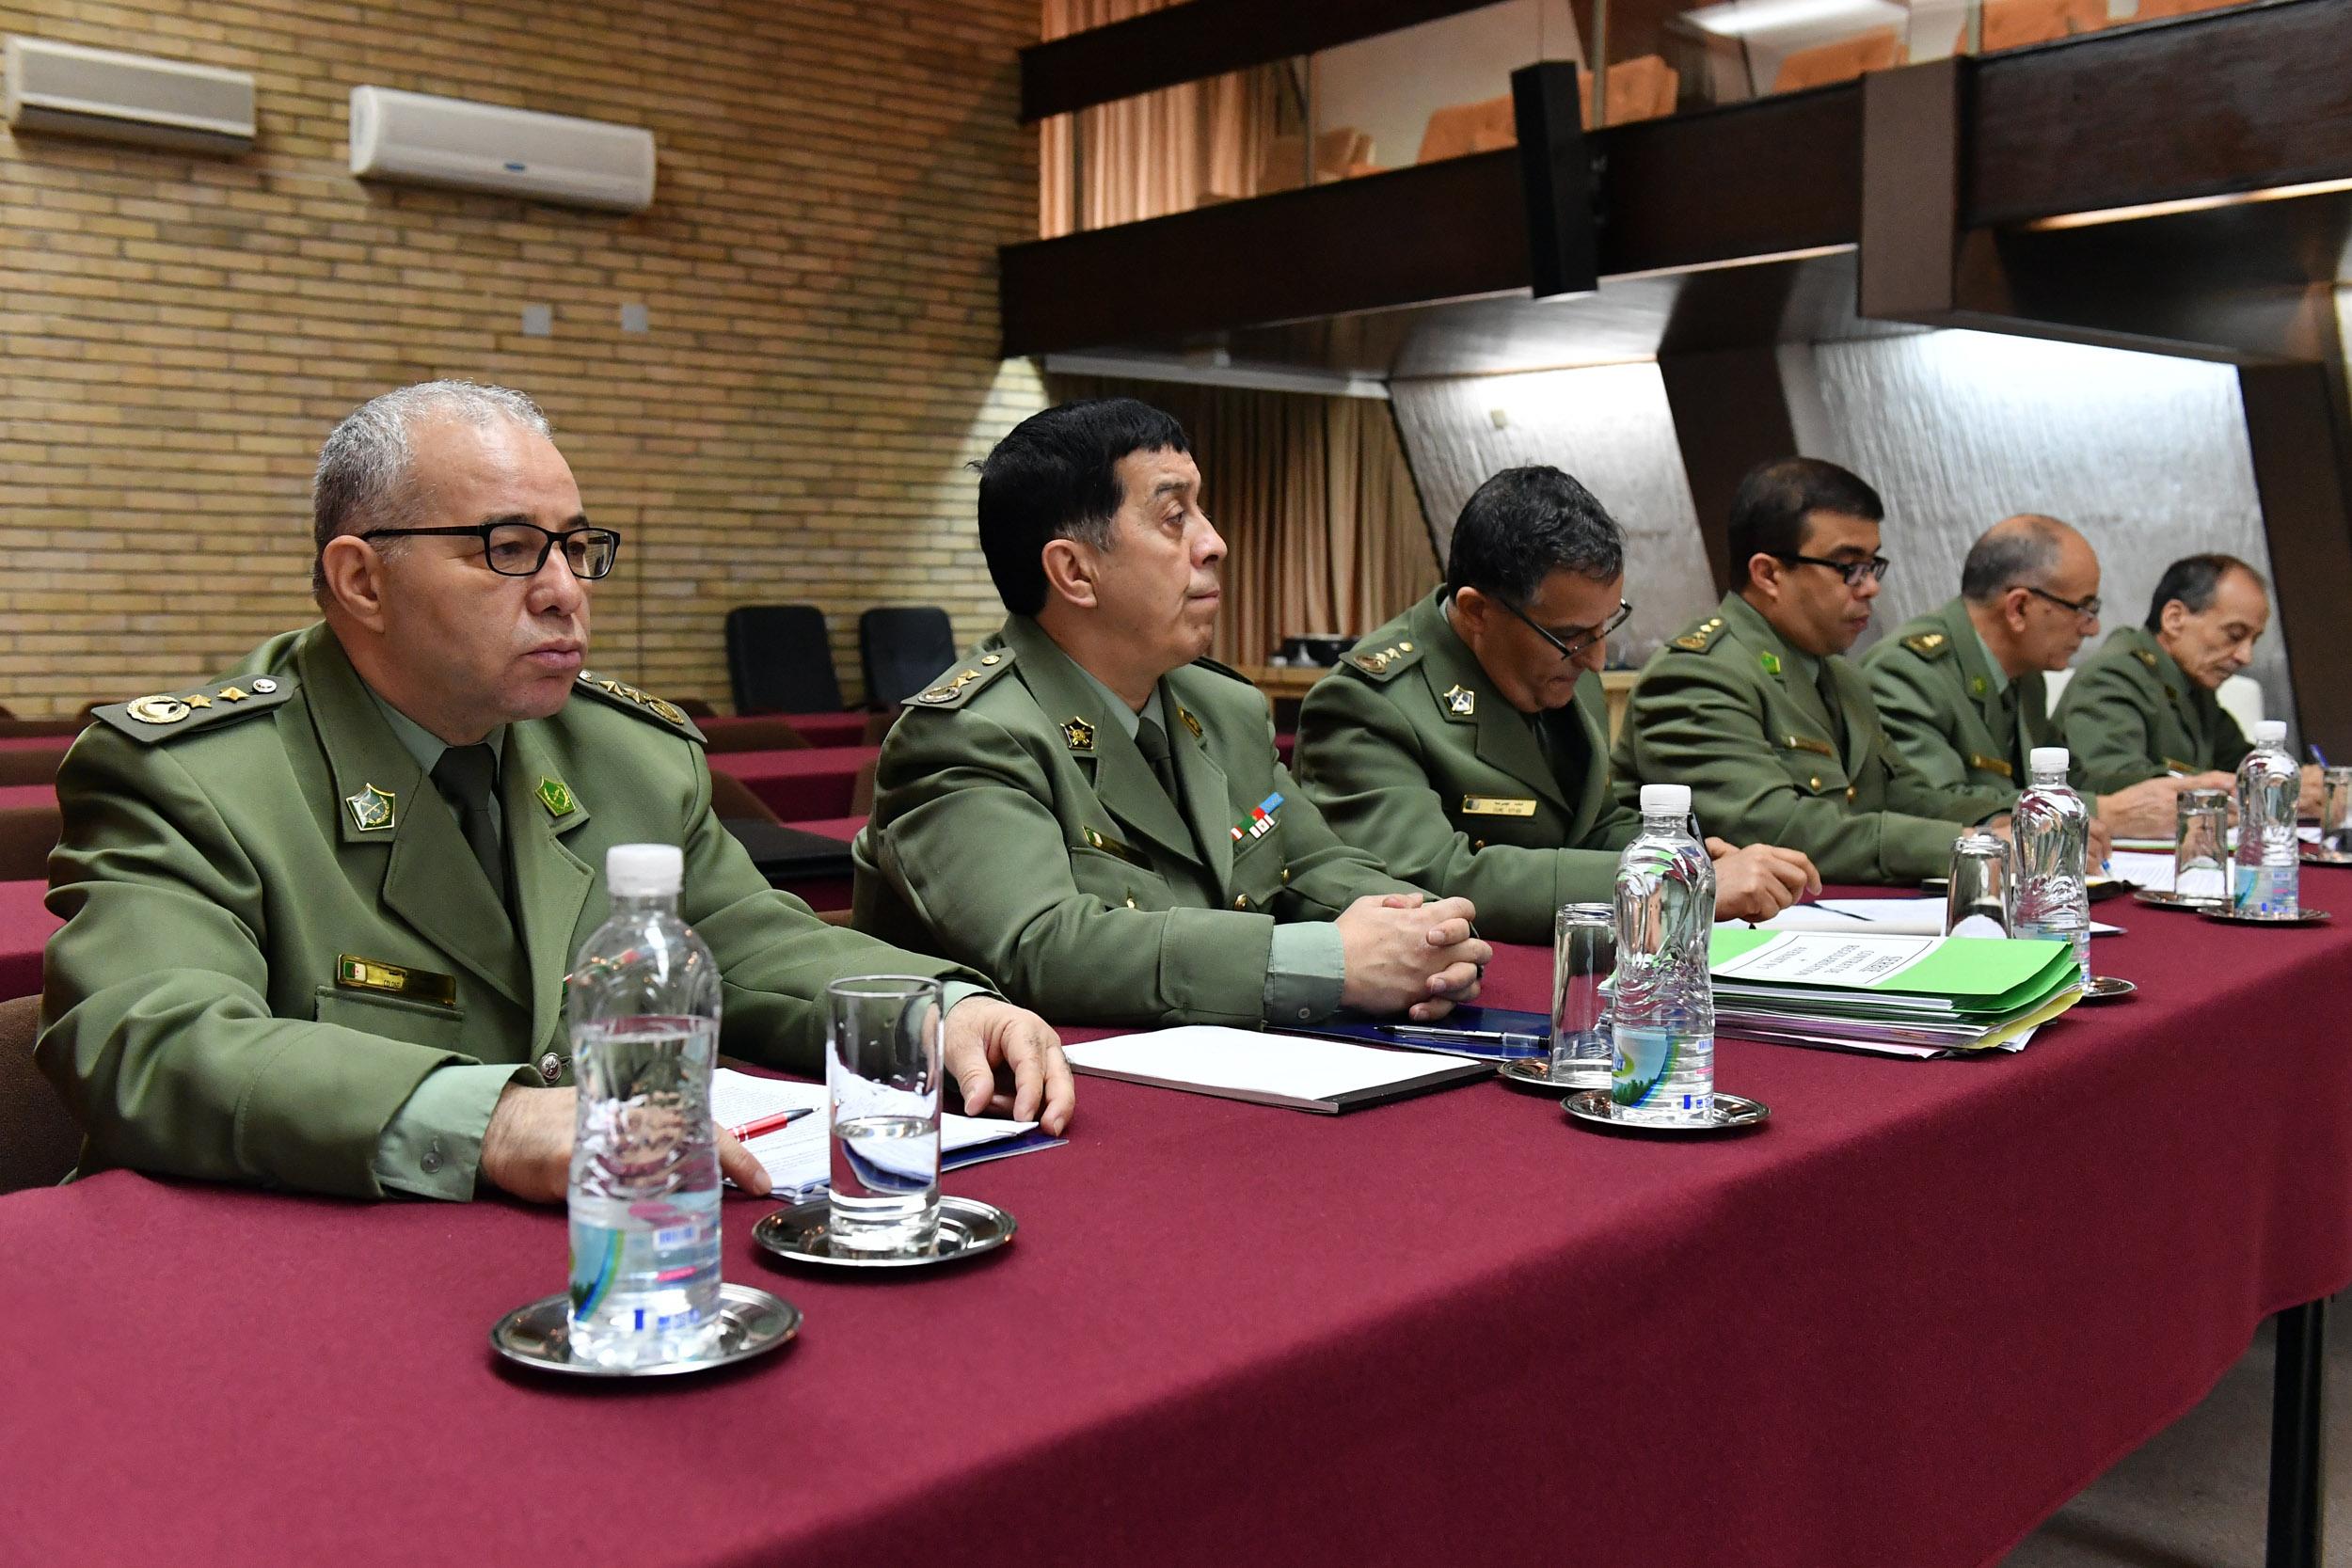 الجزائر : صلاحيات نائب وزير الدفاع الوطني - صفحة 21 BAN_1069